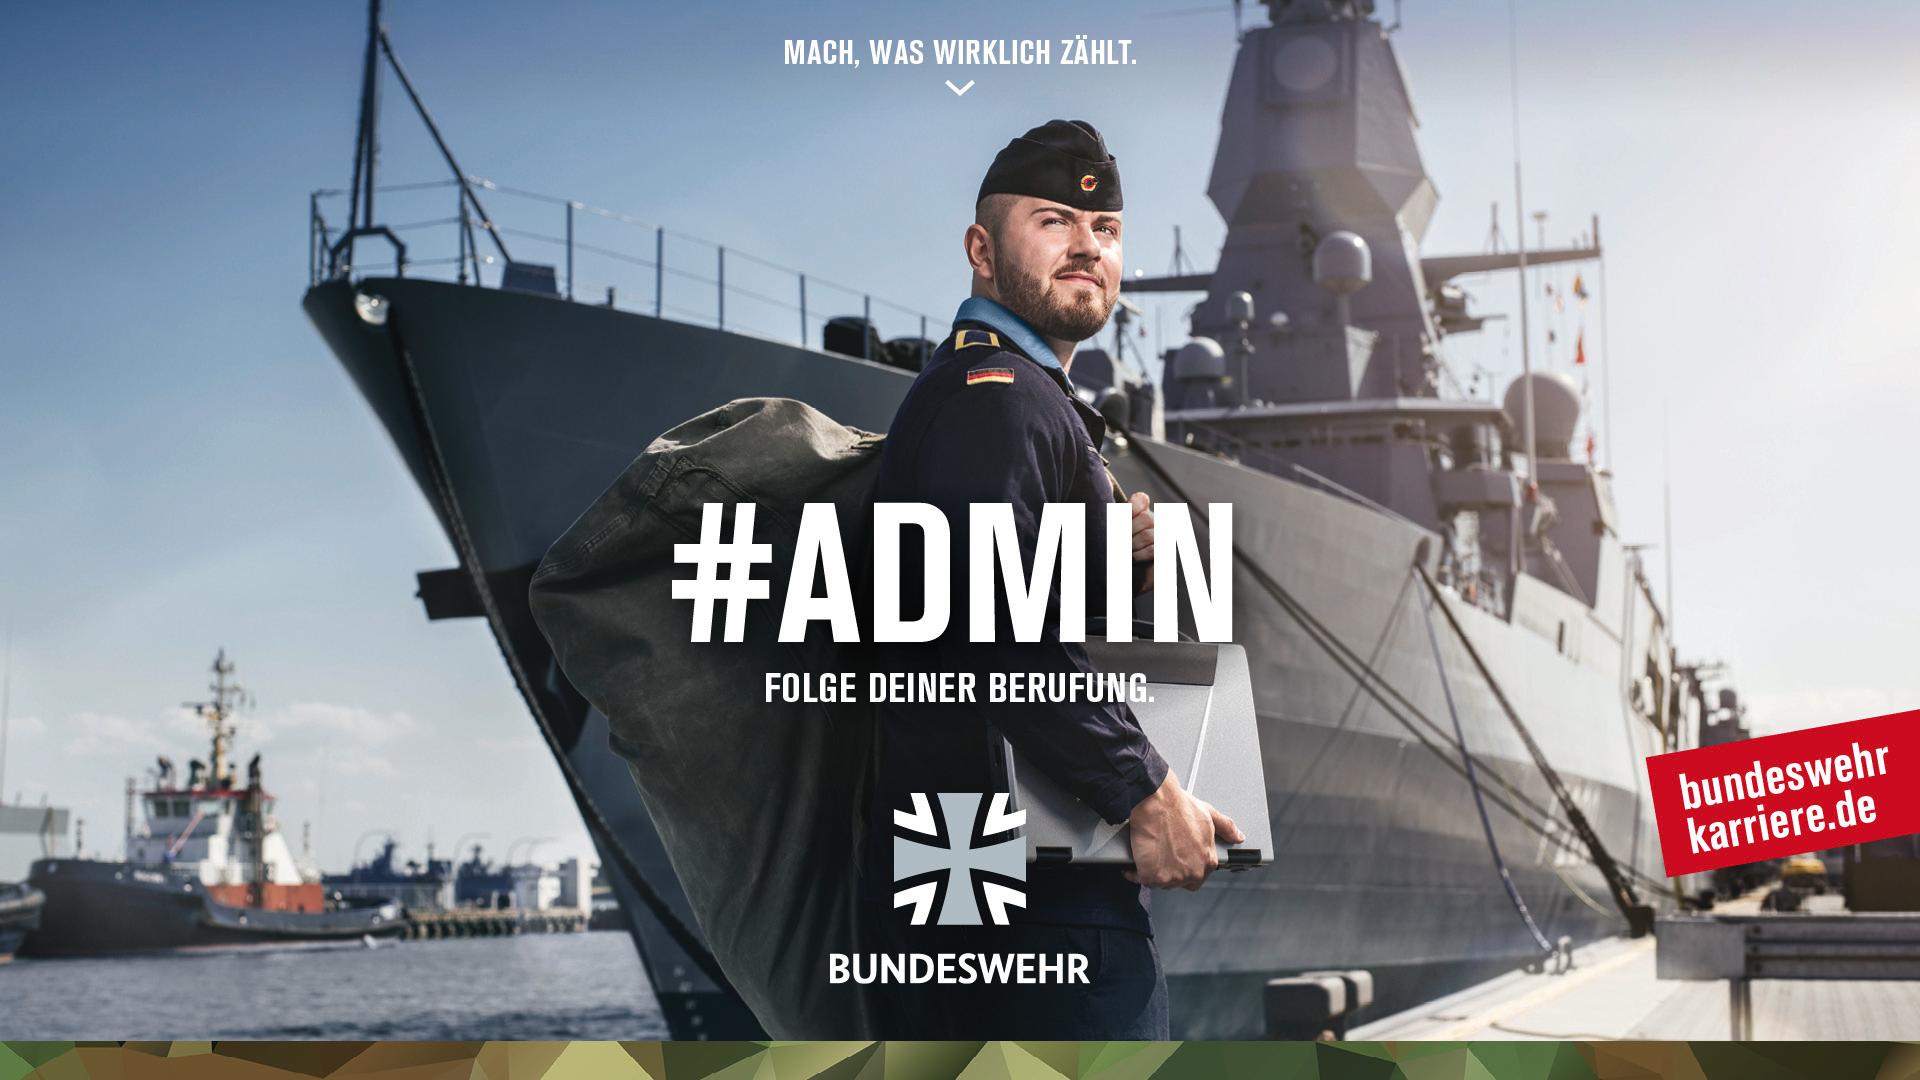 BW_Berufekampagne_16_9_10.jpg – Karriereberatungsbüro der Bundeswehr Aurich